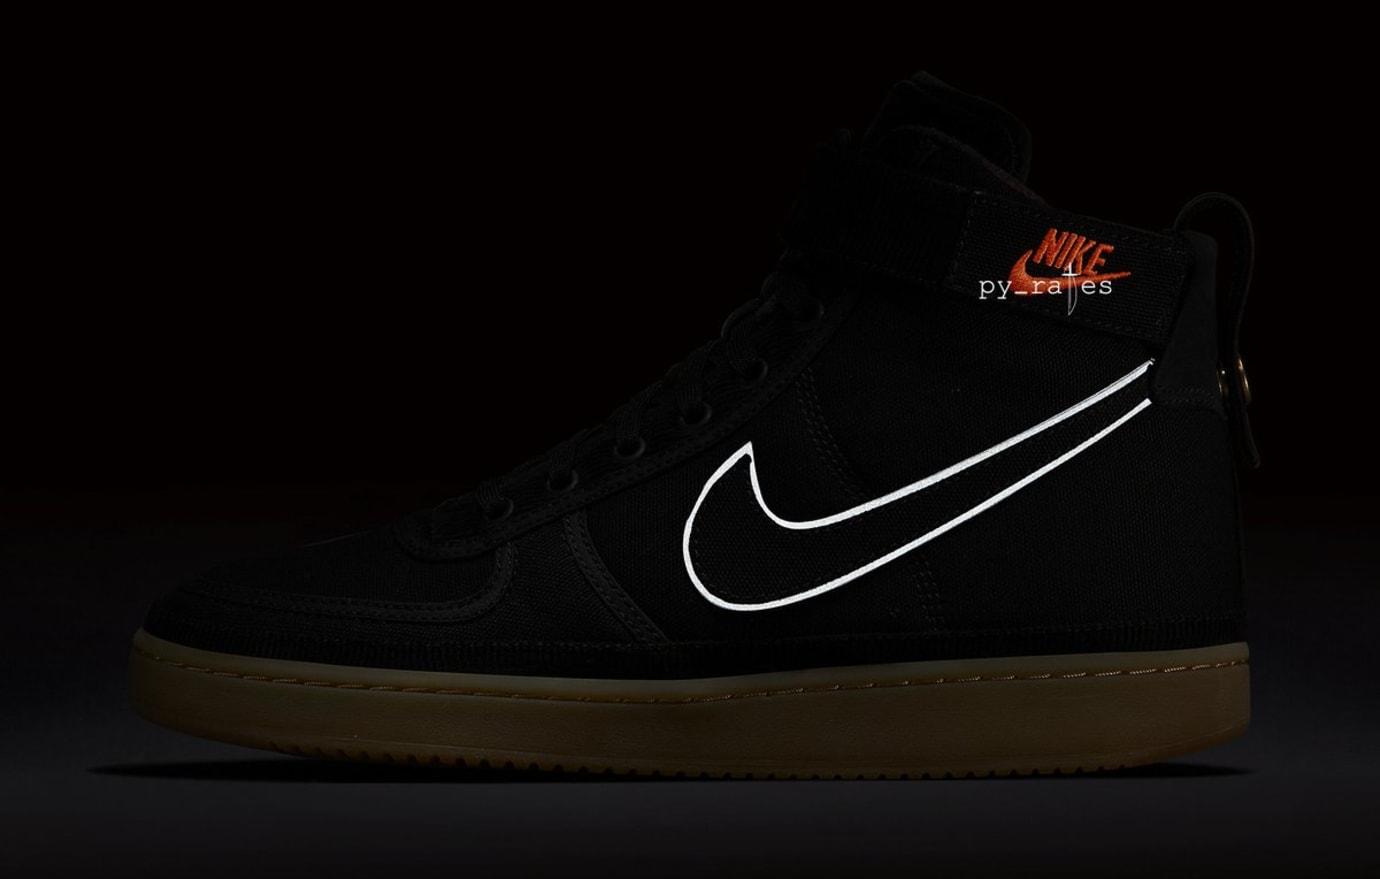 a63327c466b9 Carhartt WIP x Nike Vandal High Supreme Release Date